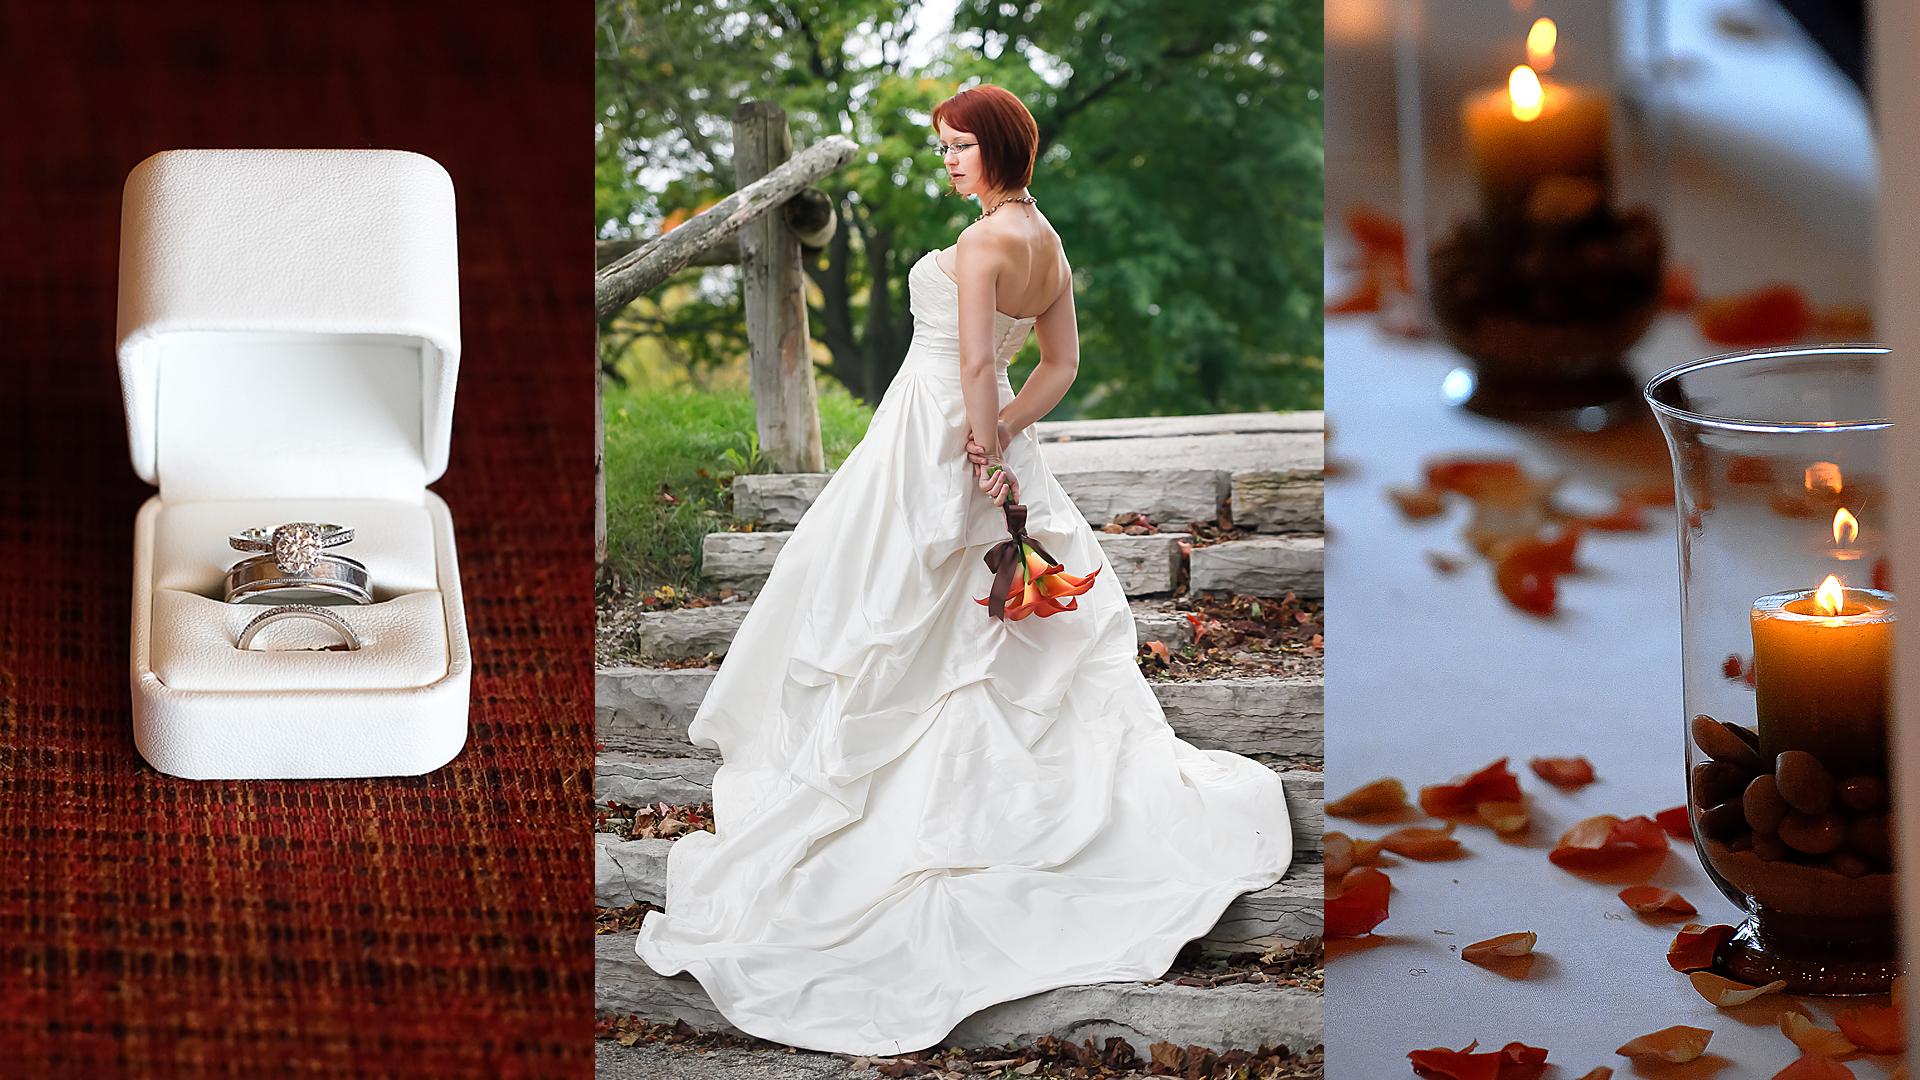 SBWhite_portfolio_weddings-14